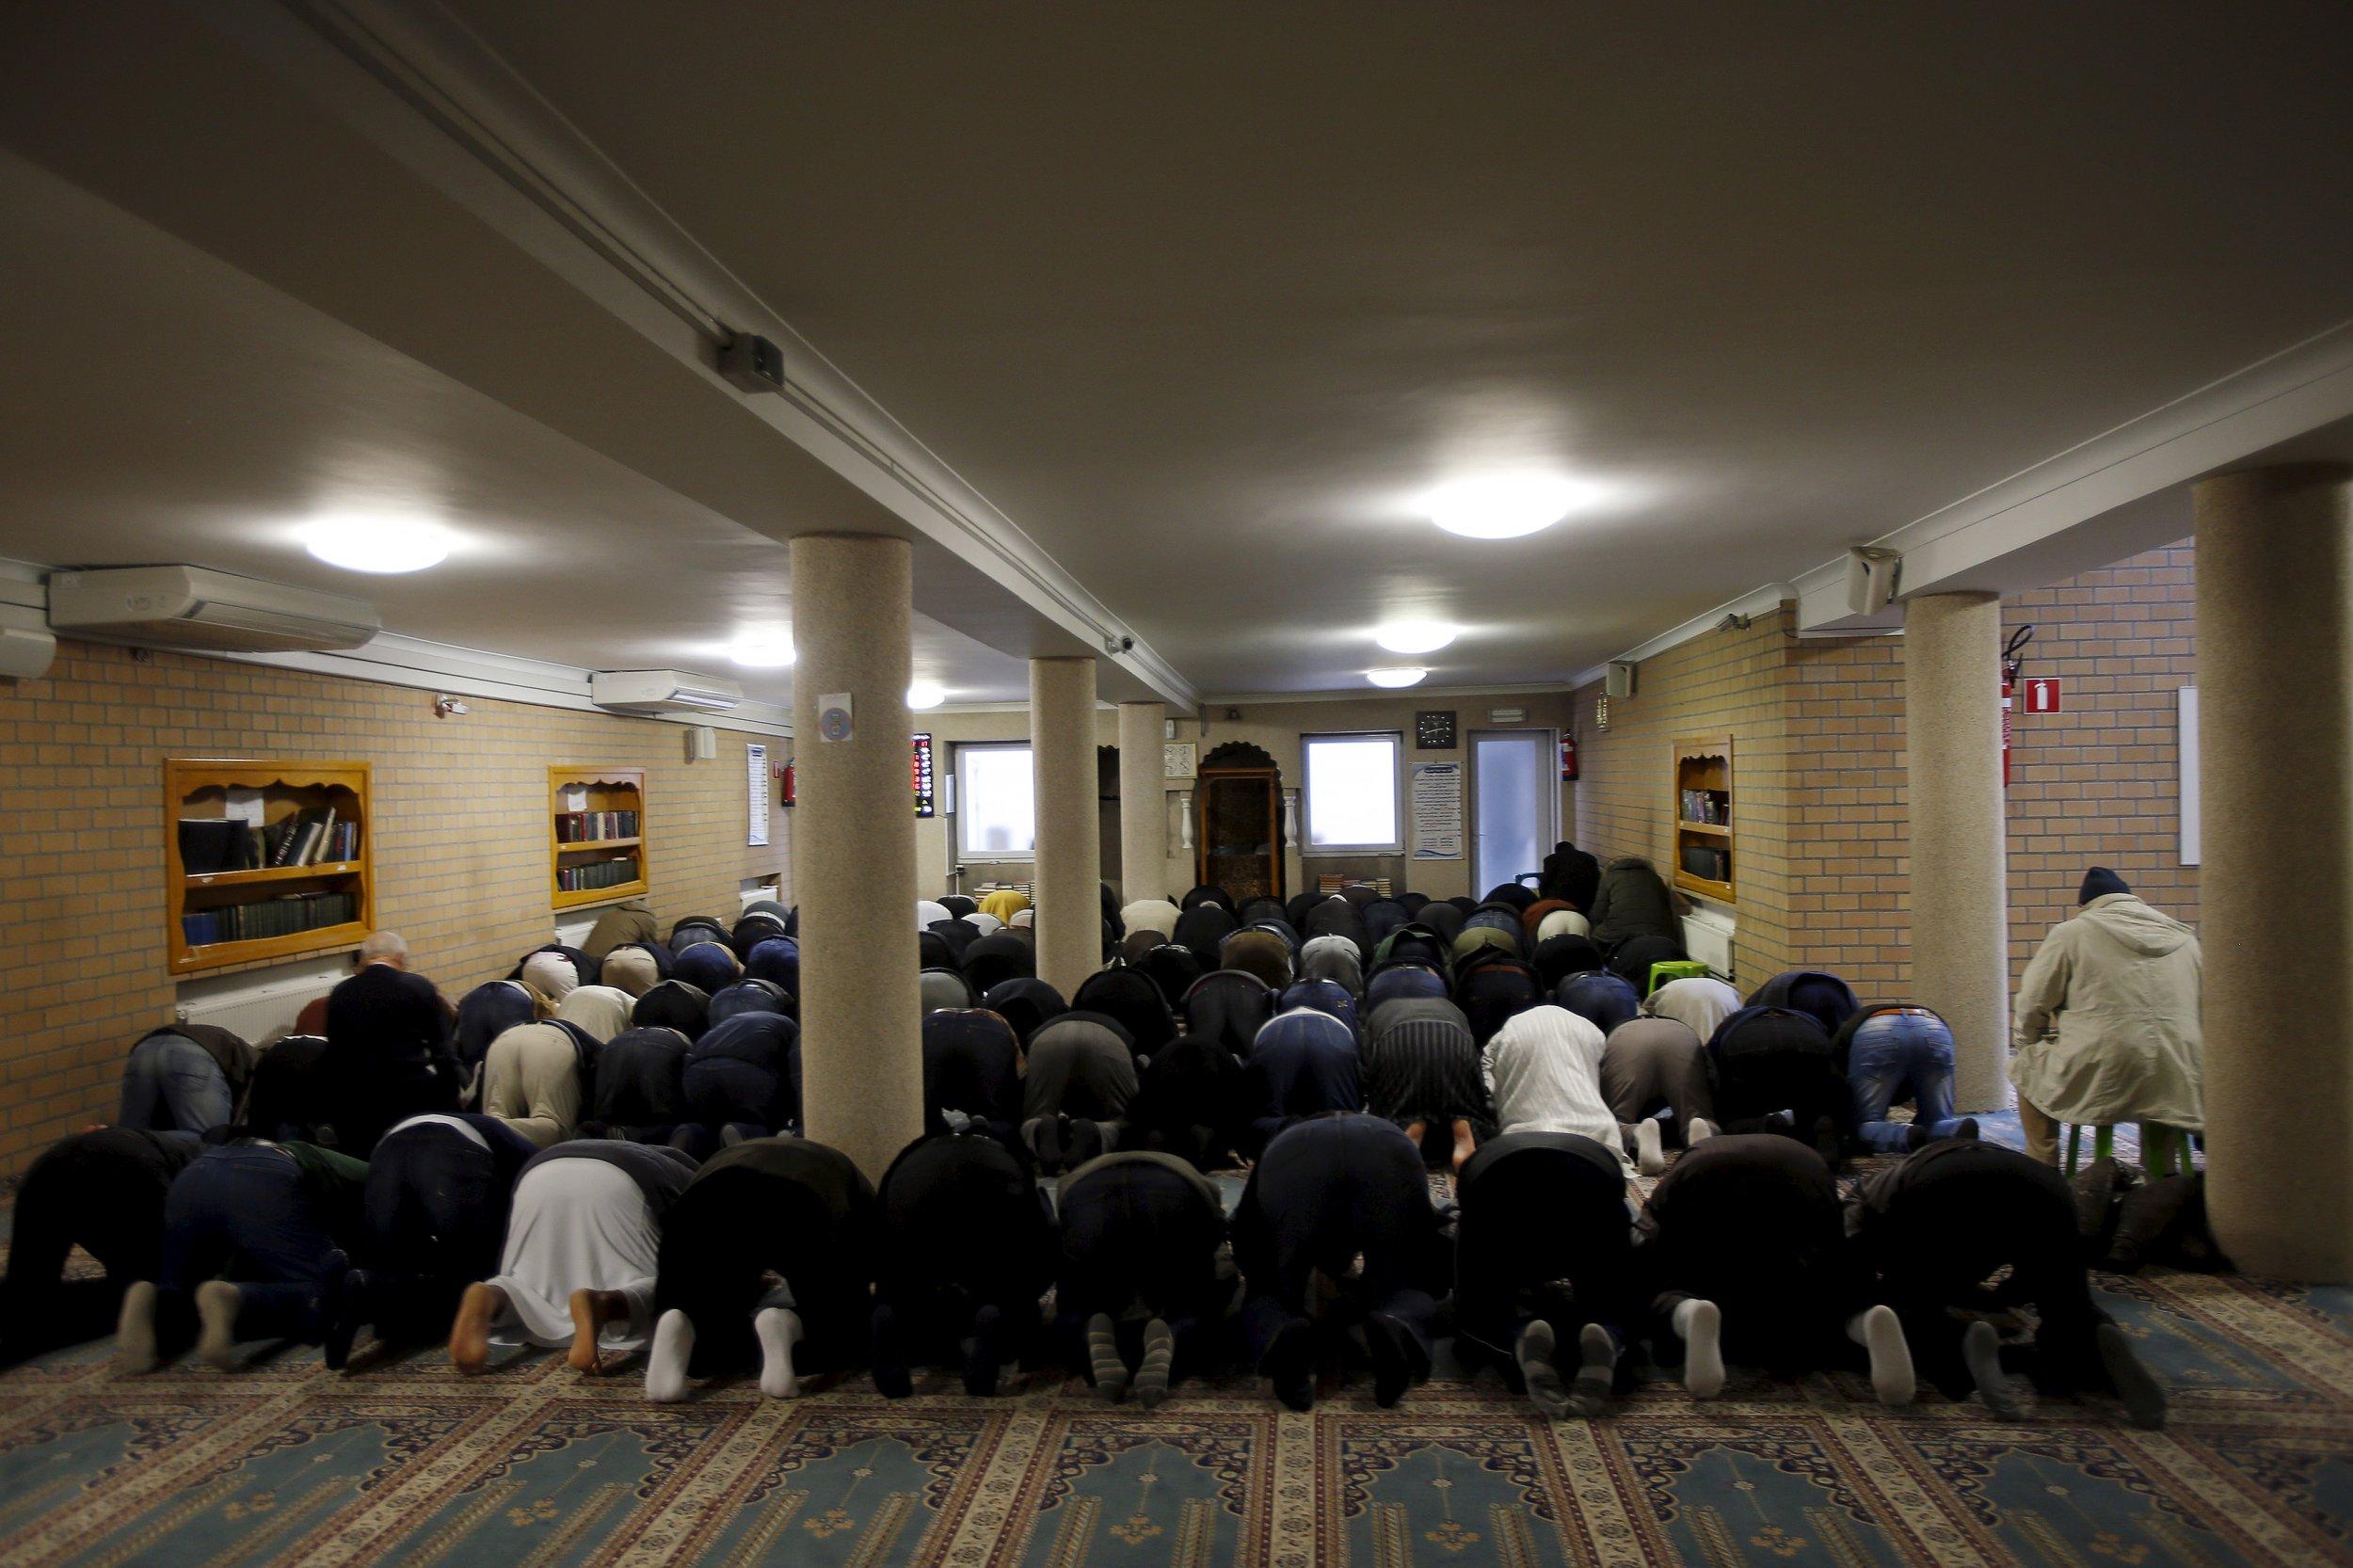 Belgium Molenbeek Mosque